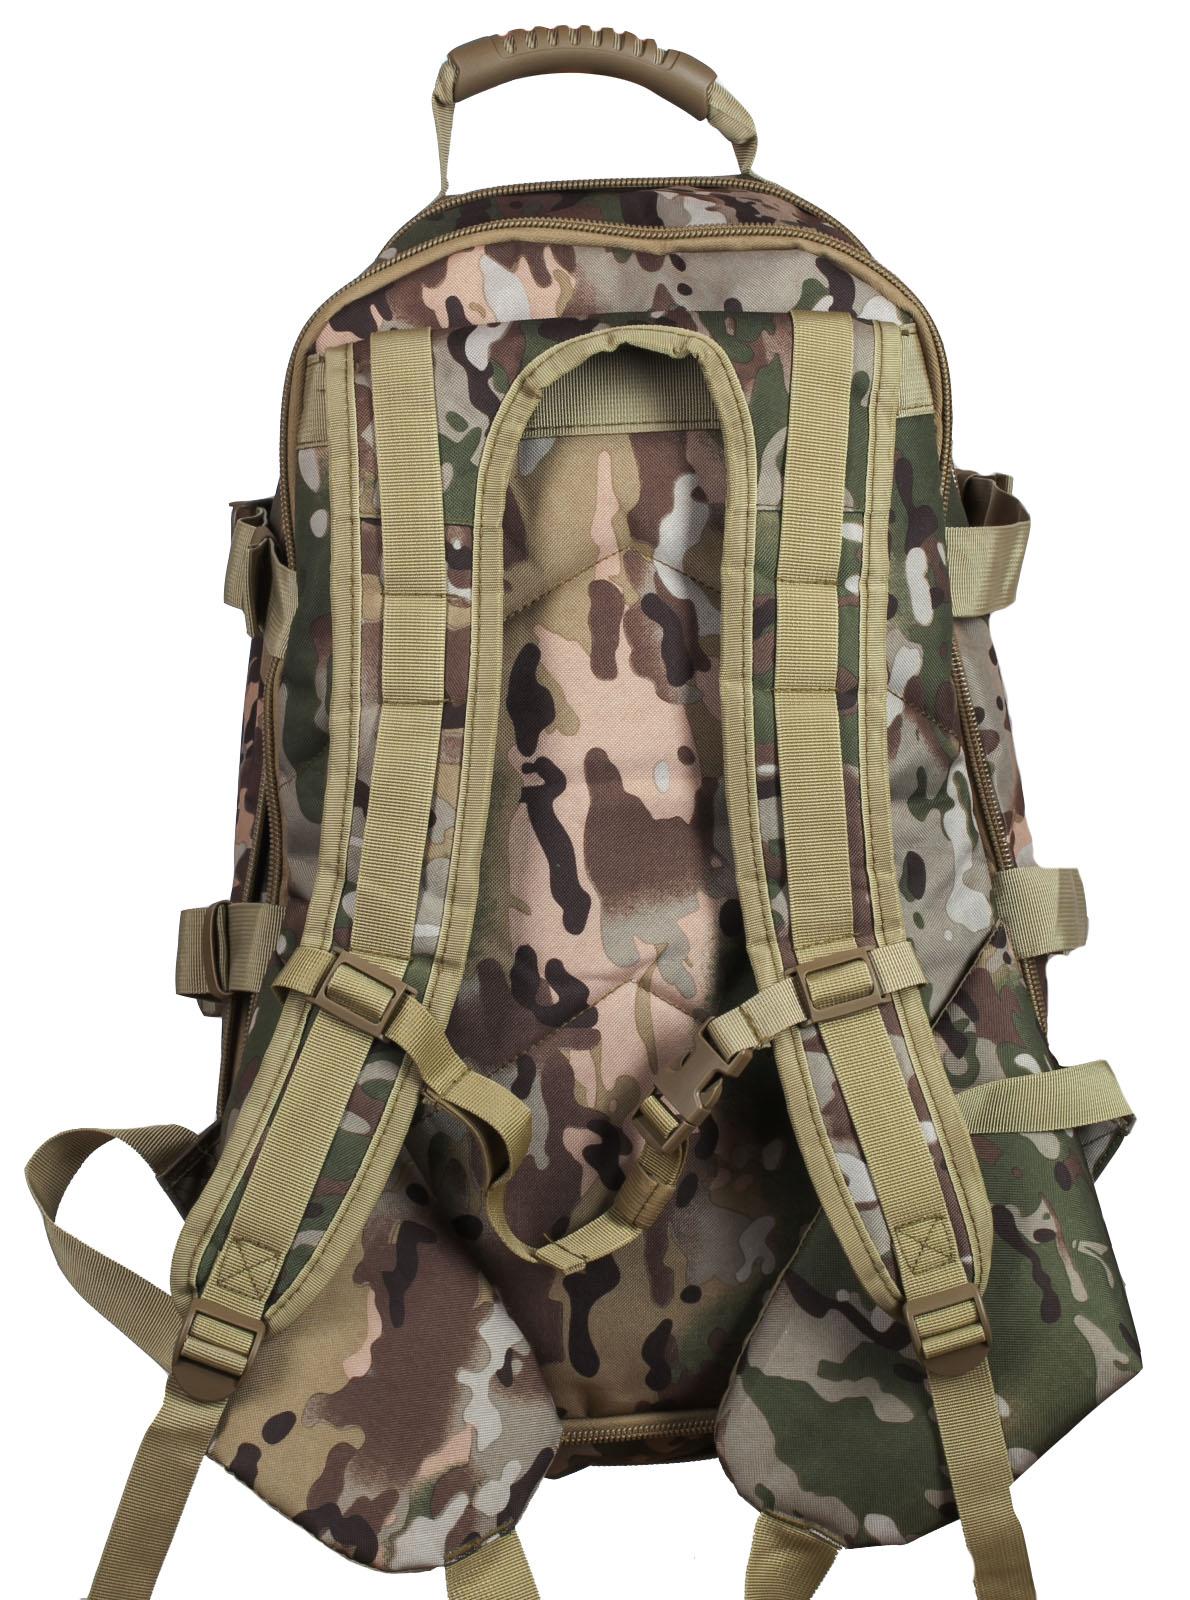 Камуфляжный трехдневный рюкзак с нашивкой Ни Пуха ни Пера - купить в подарок